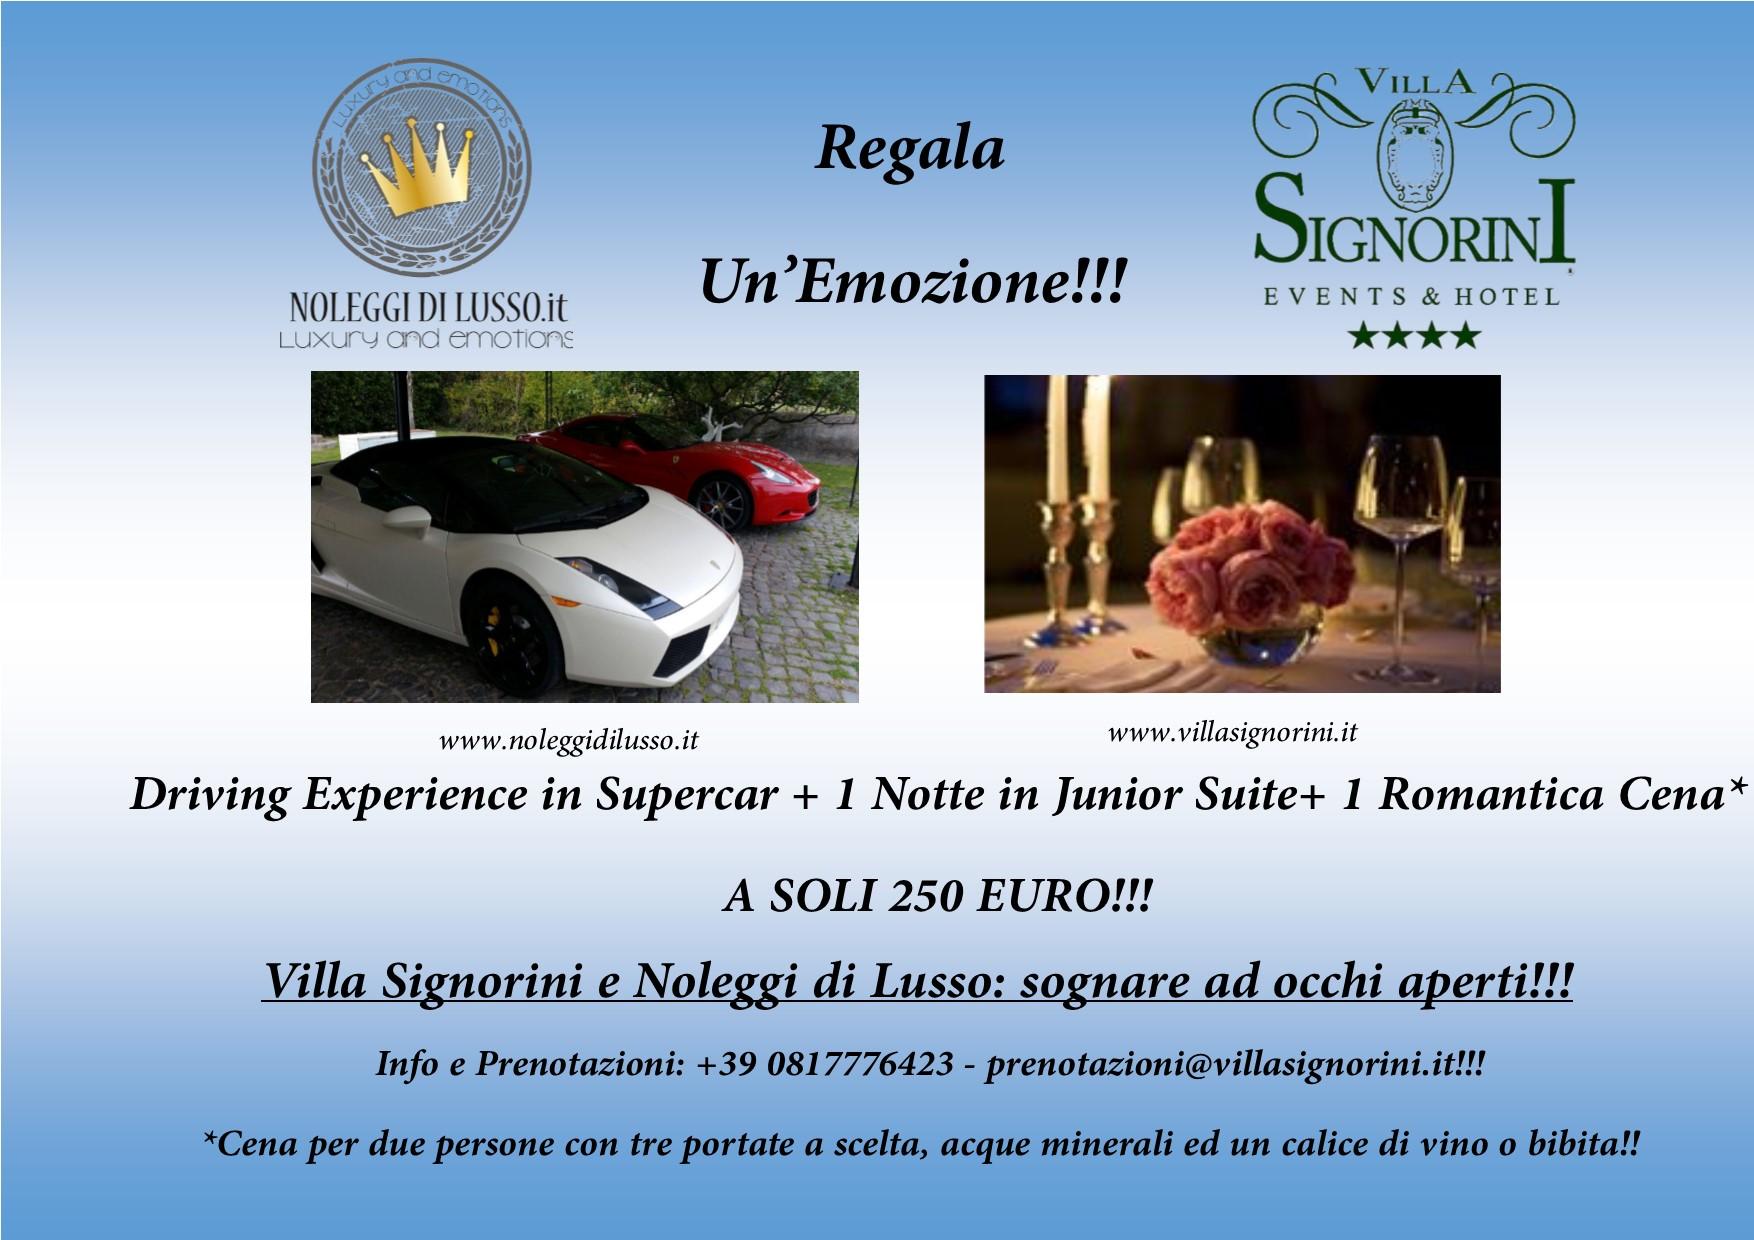 Driving Experience+notte in albergo+pranzo o cena con prezzo